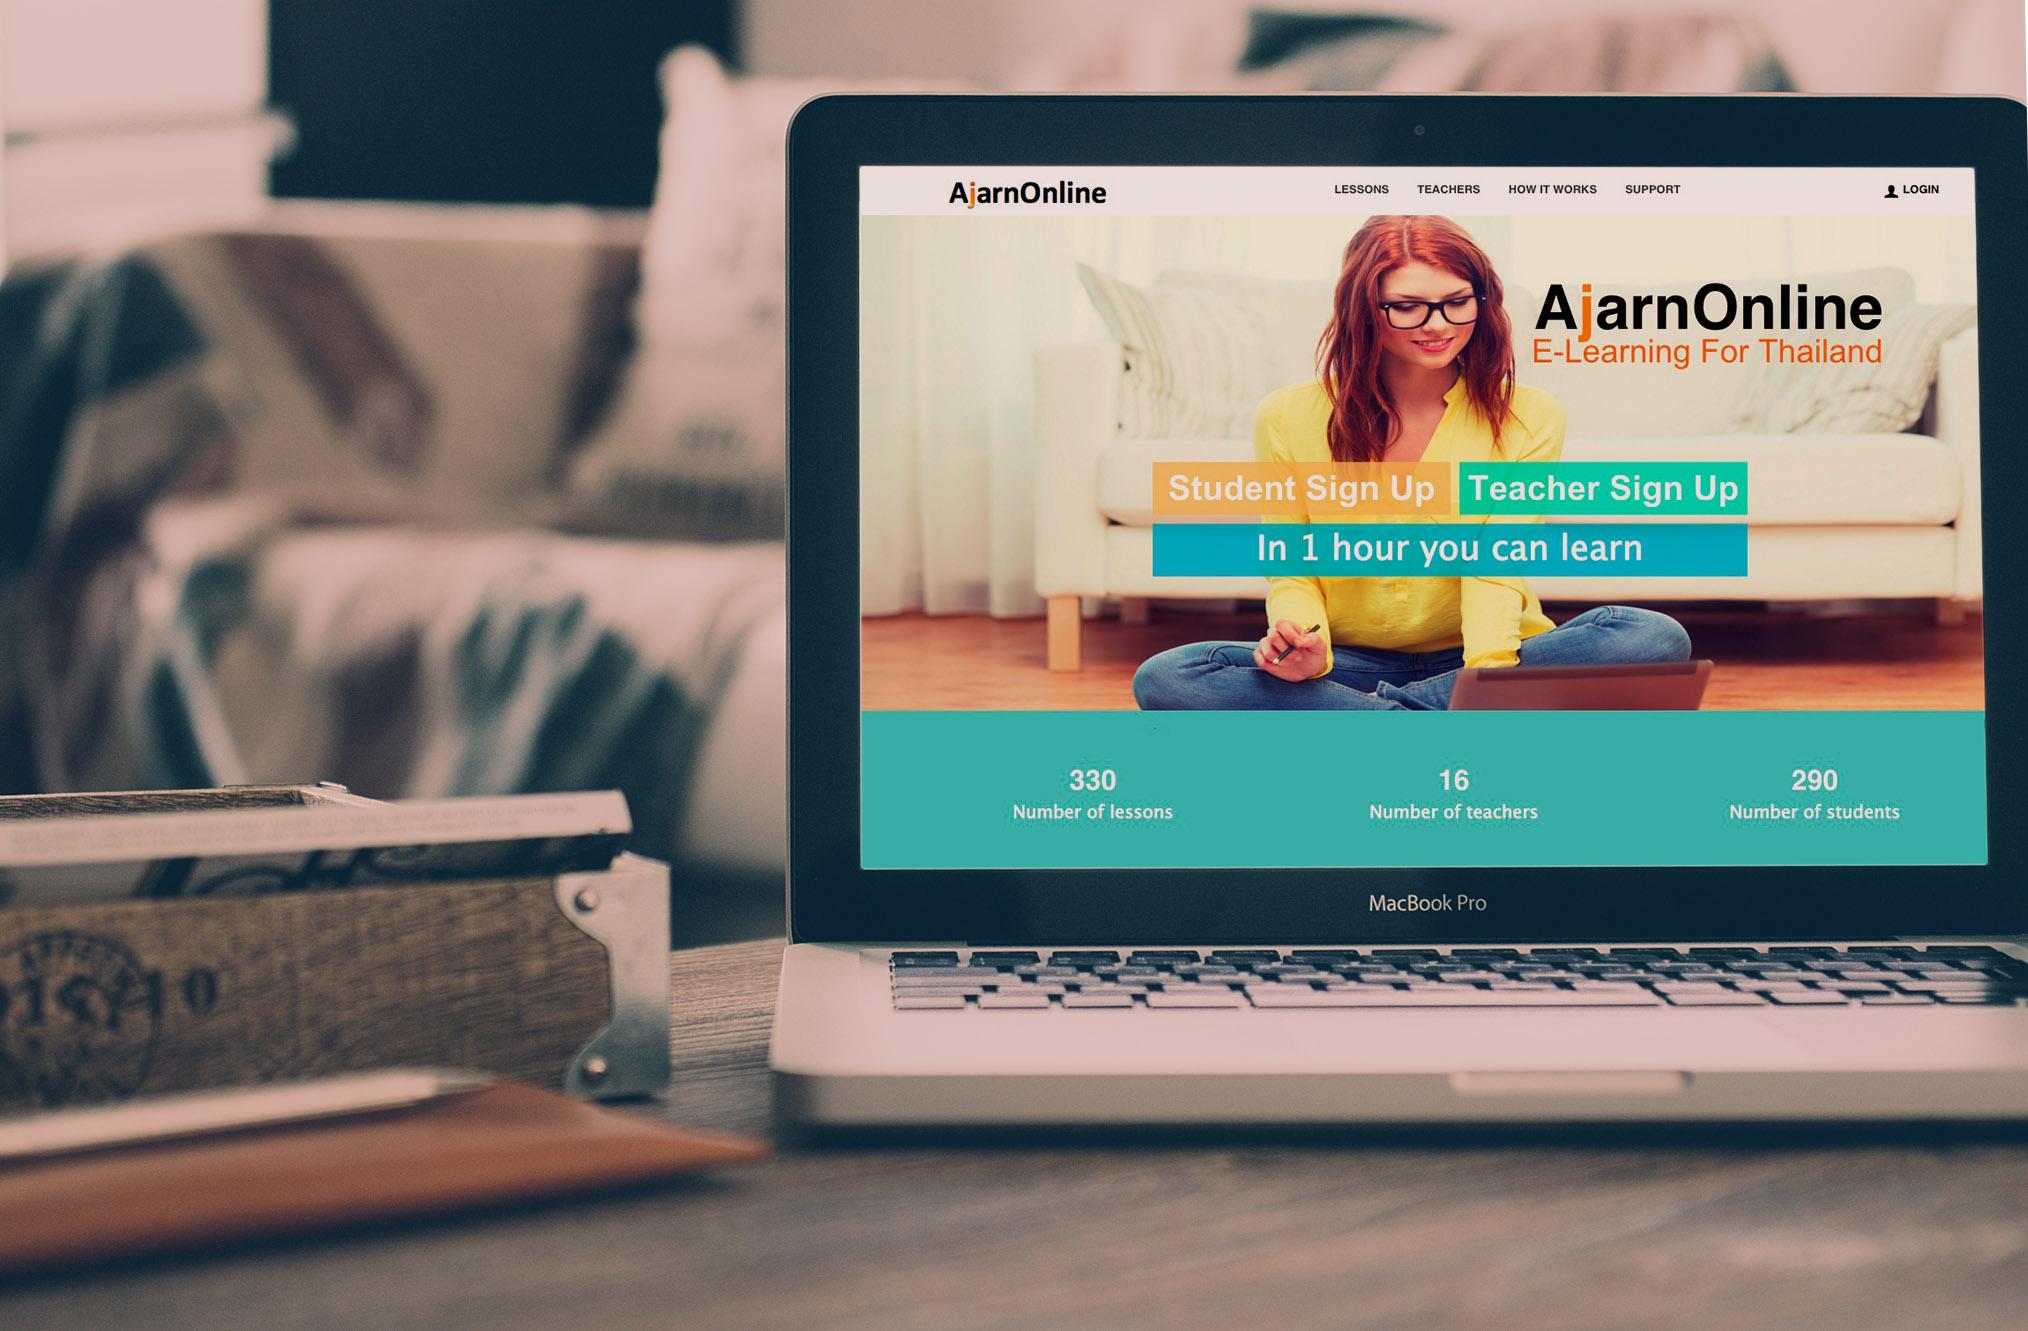 AjarnOnline E-Learning for Thailand